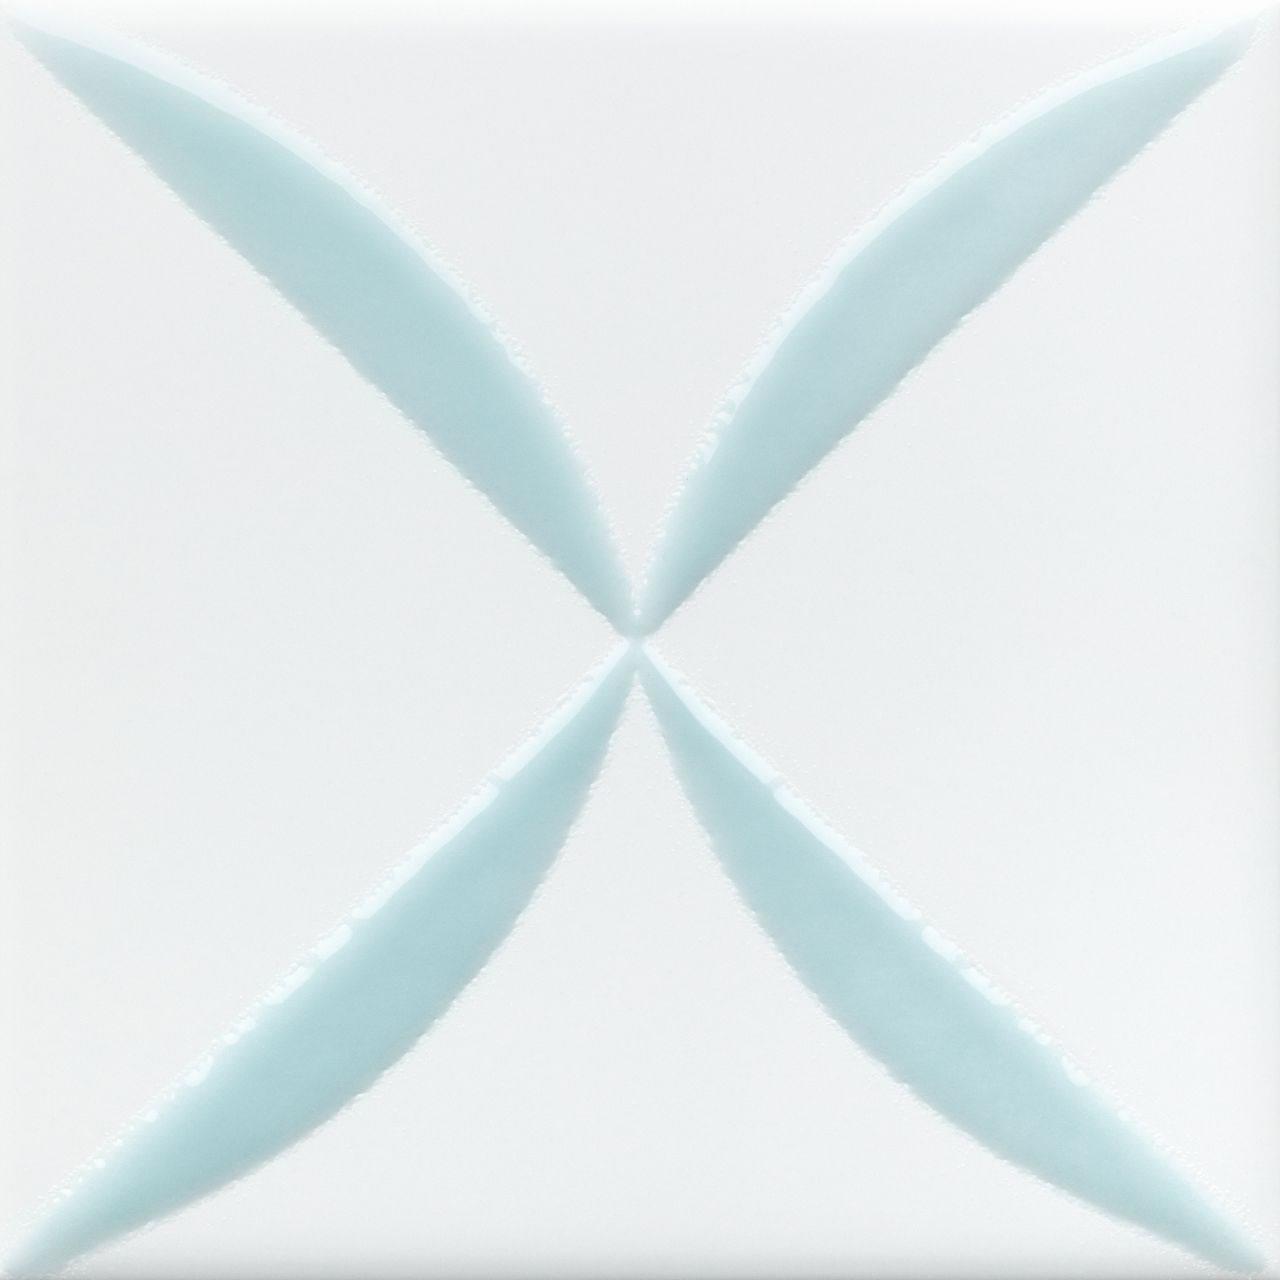 astron azul ac 15×15